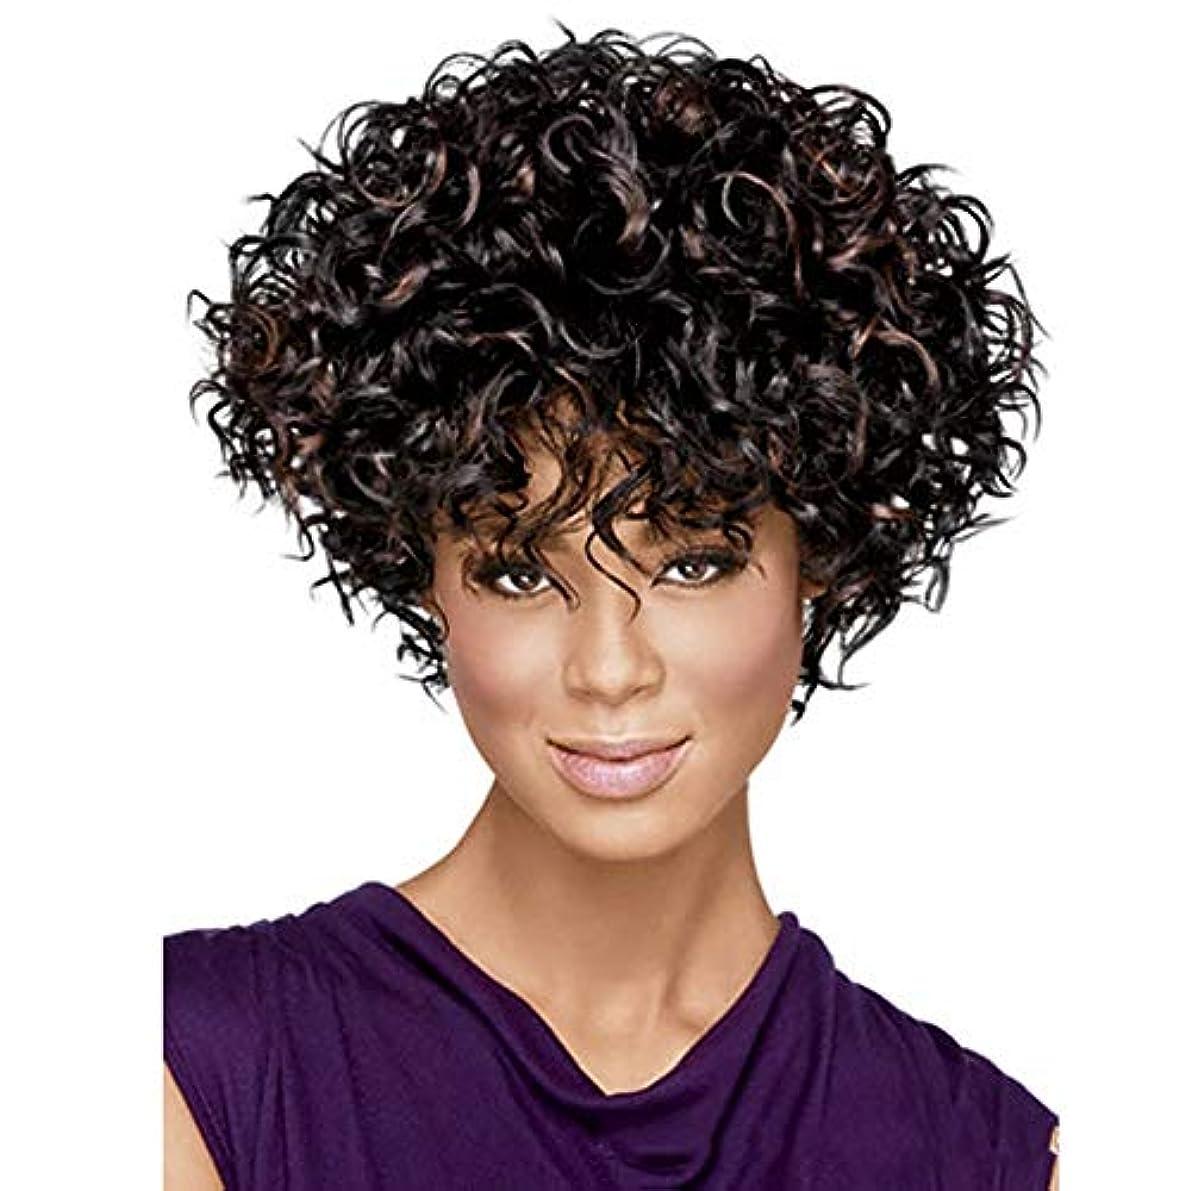 仕出します自分ポークYOUQIU 女性の自然な人工毛かつら用ショートボブウィッグ6